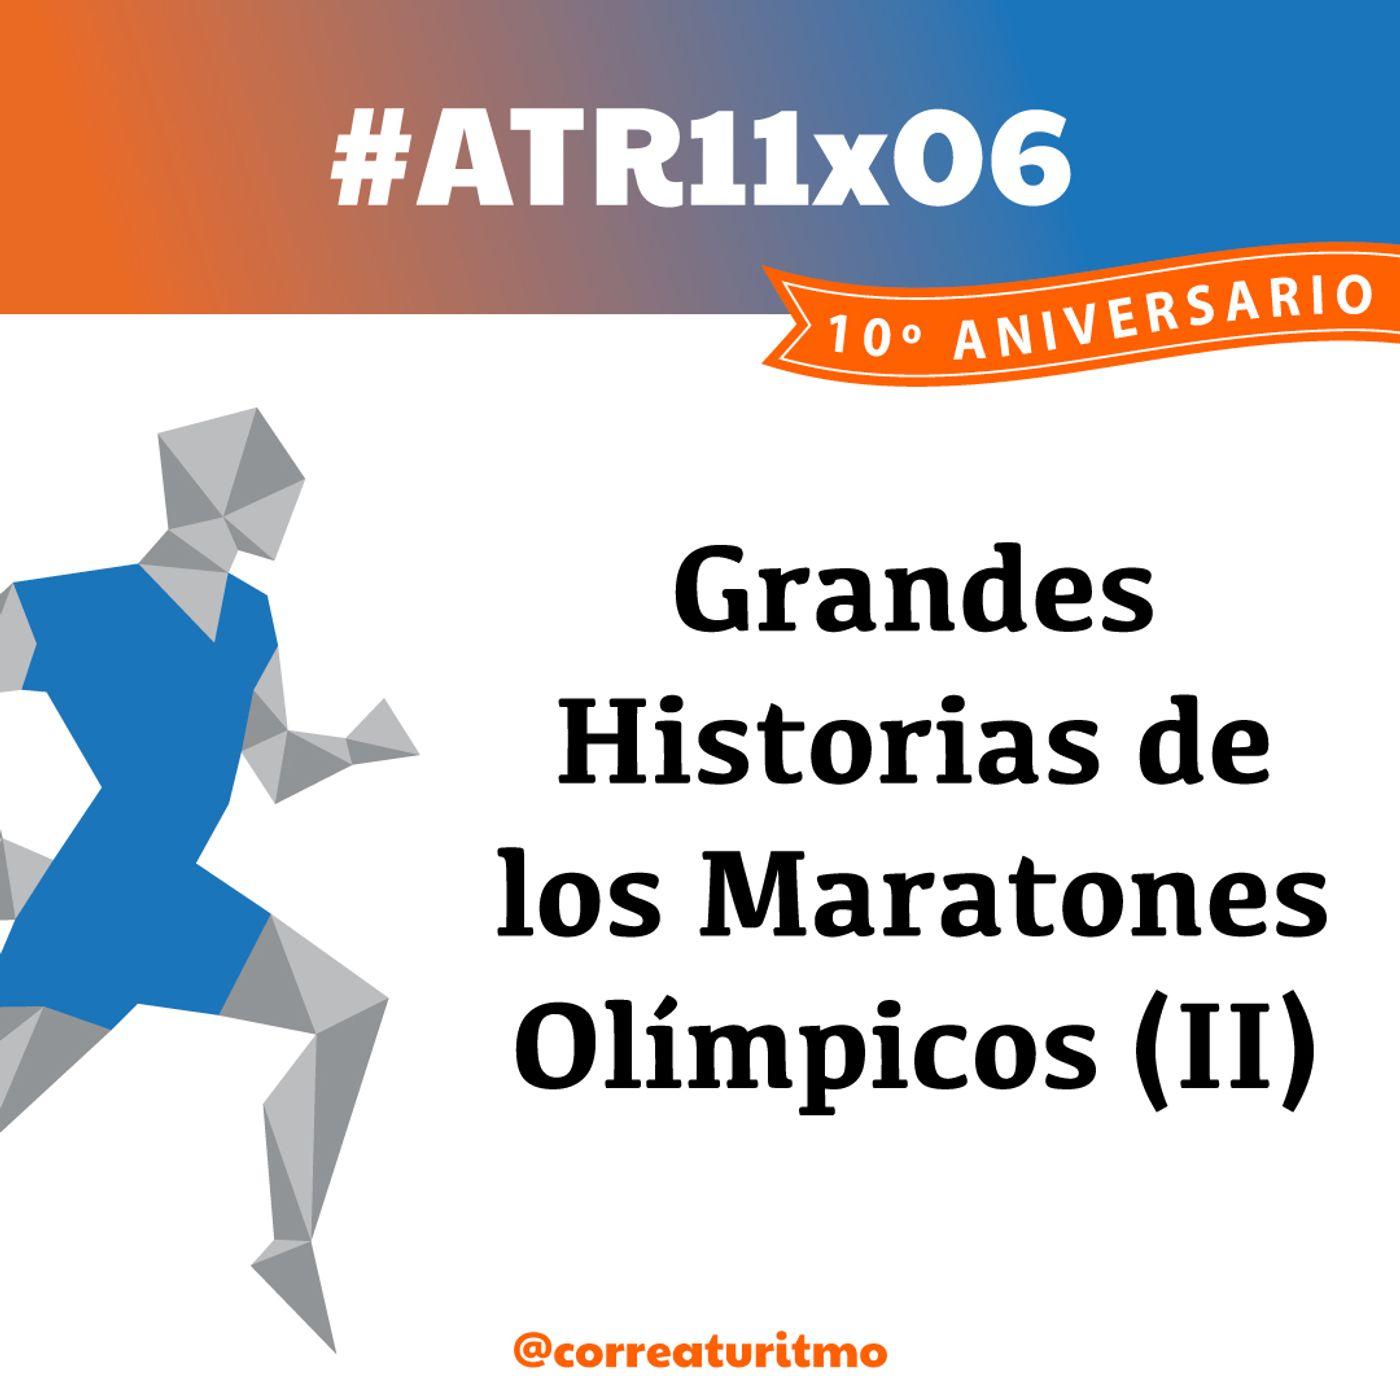 ATR 11x06 - Grandes Historias de los Maratones Olímpicos (II)